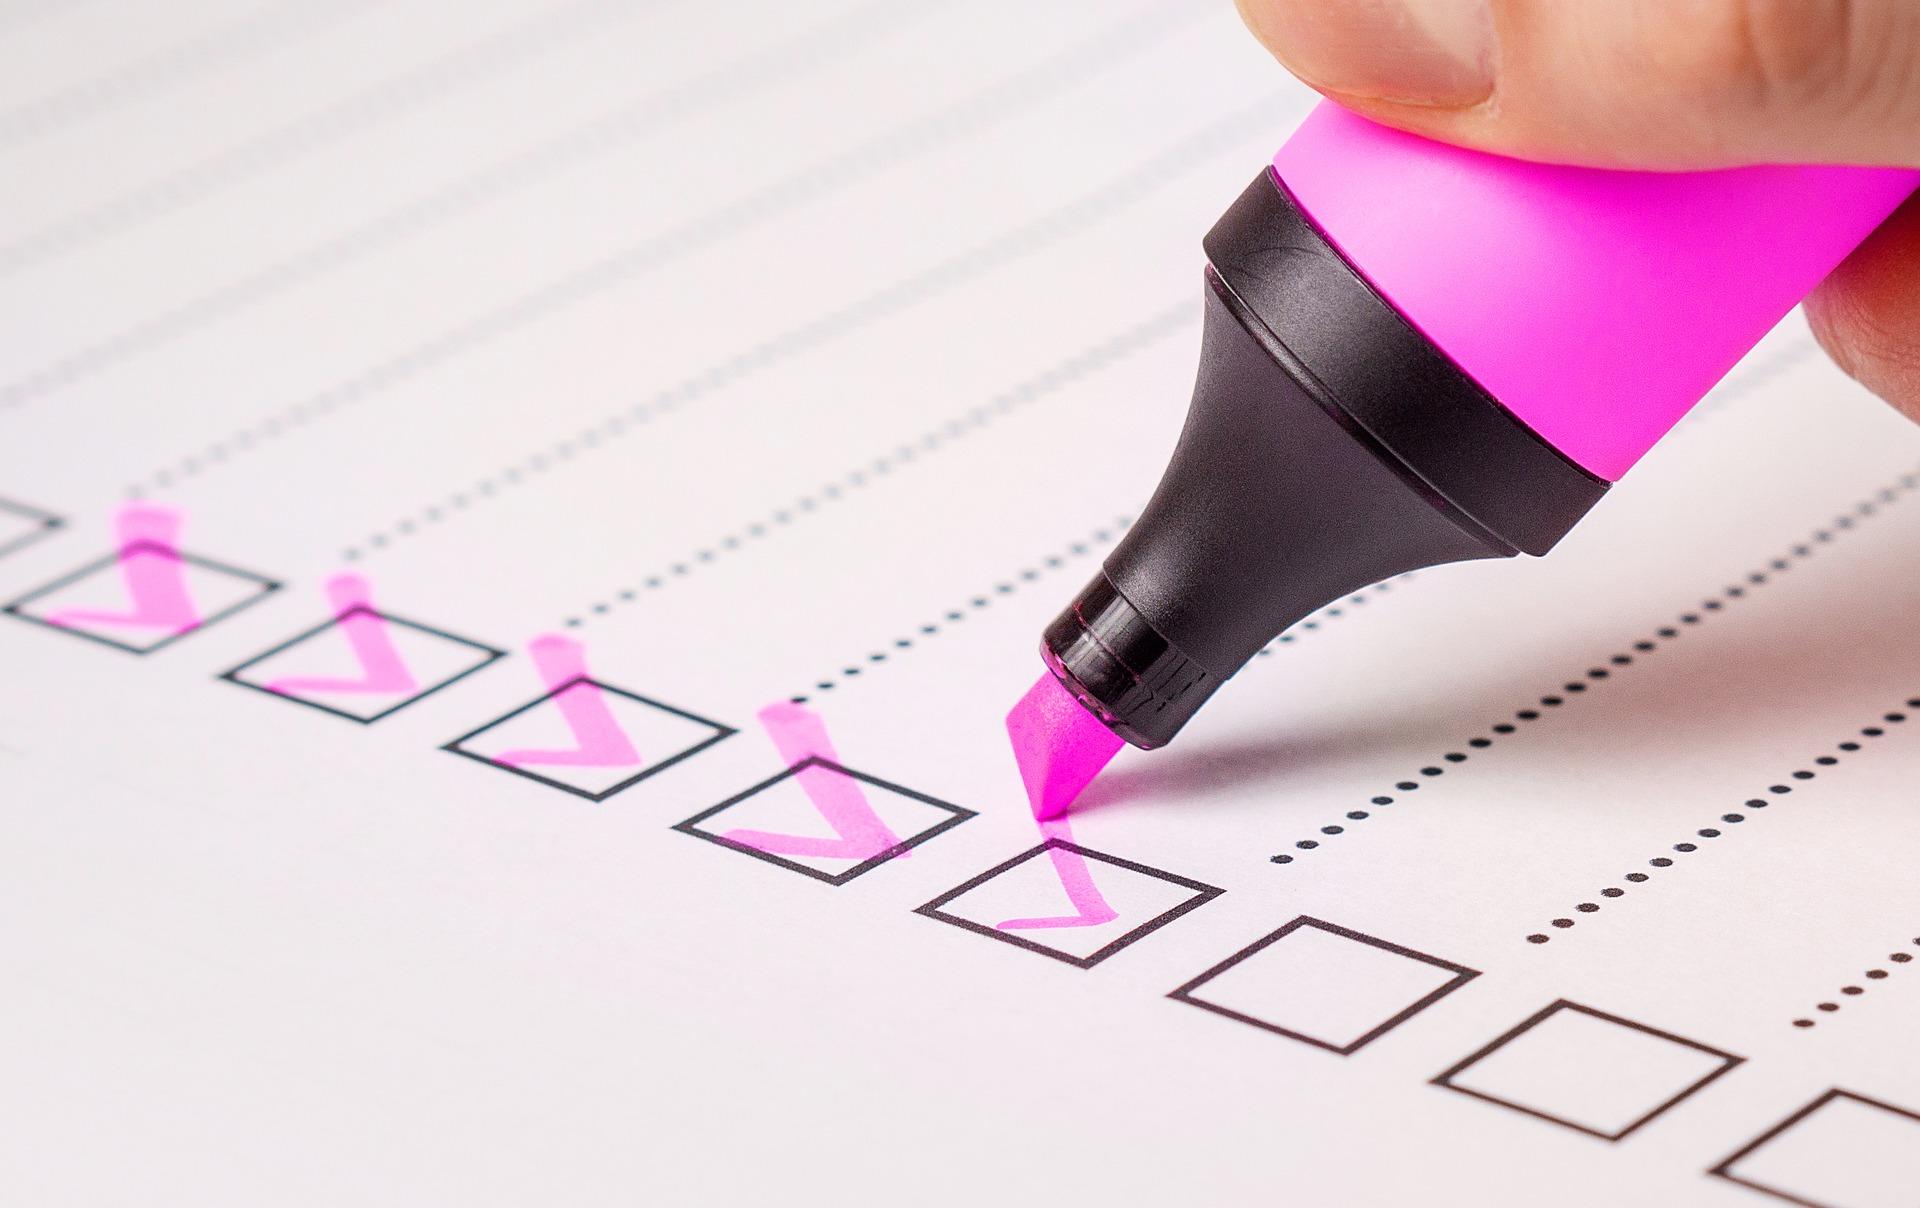 Щодо надання сертифіката відповідності у випадку, якщо його отримання не передбачене в обов'язковому порядку